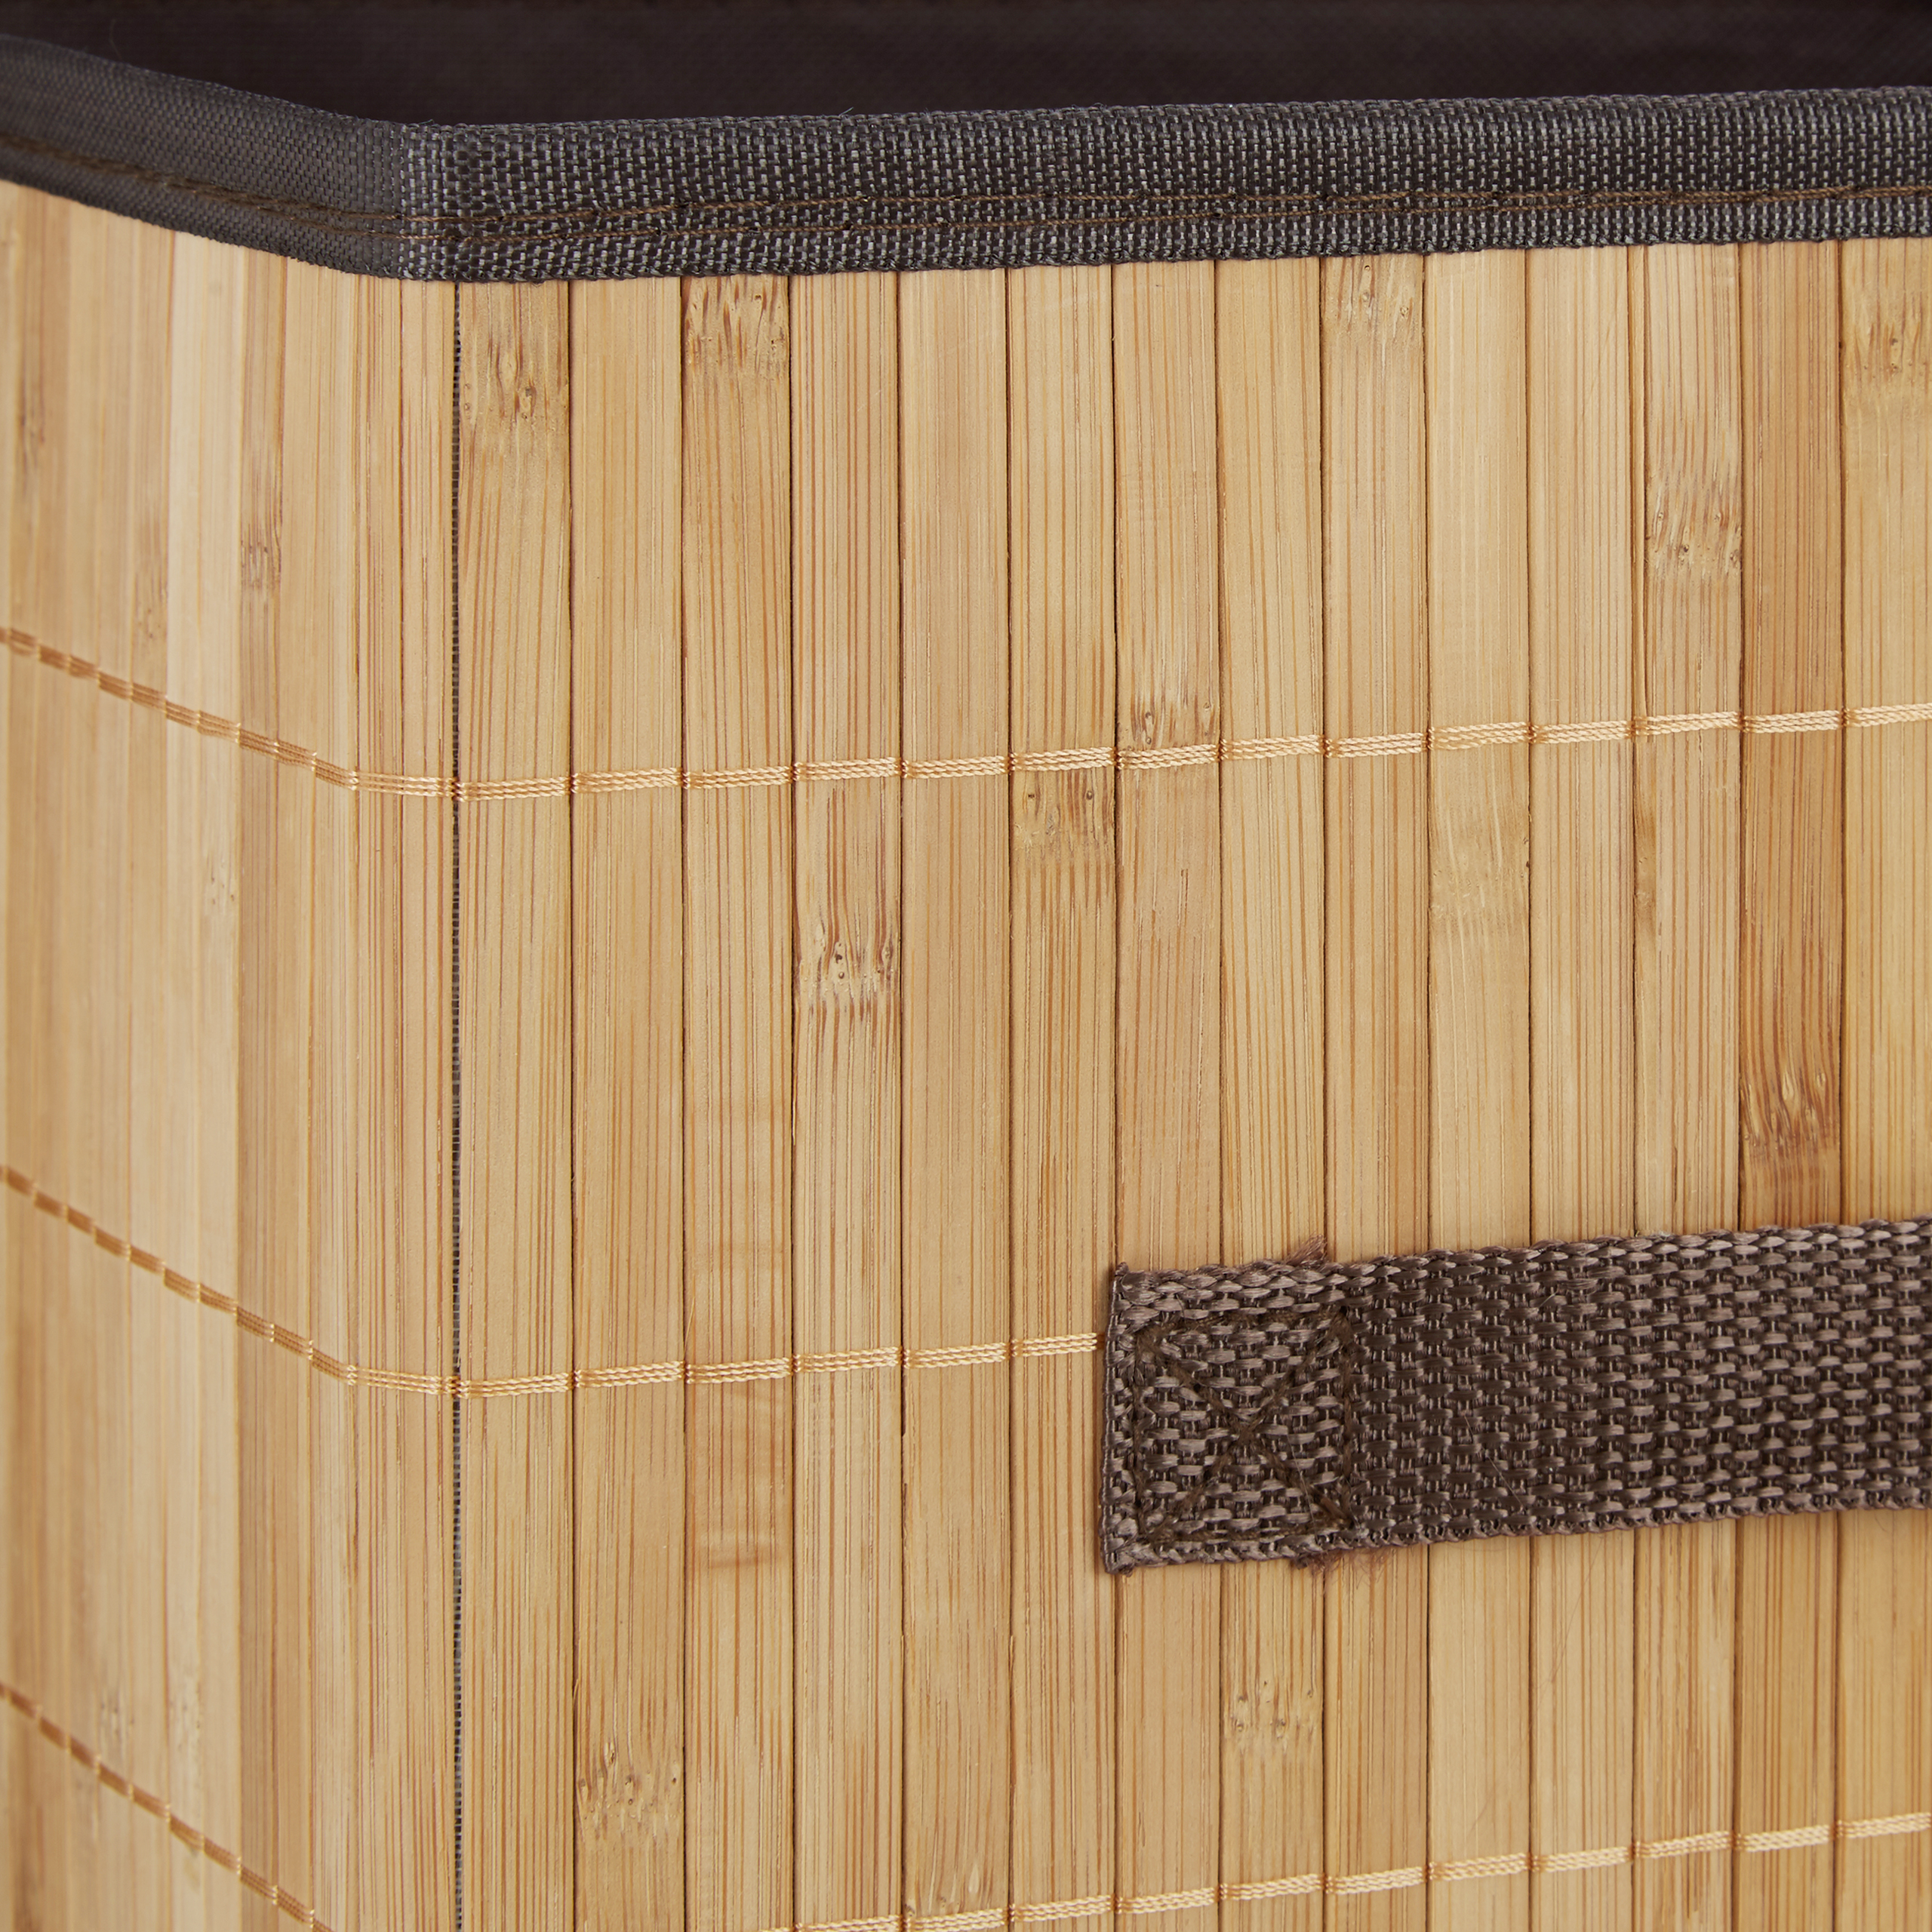 Faltbox quadratisch Regalkiste 28 cm Aufbewahrungsbox natürliche Regalbox